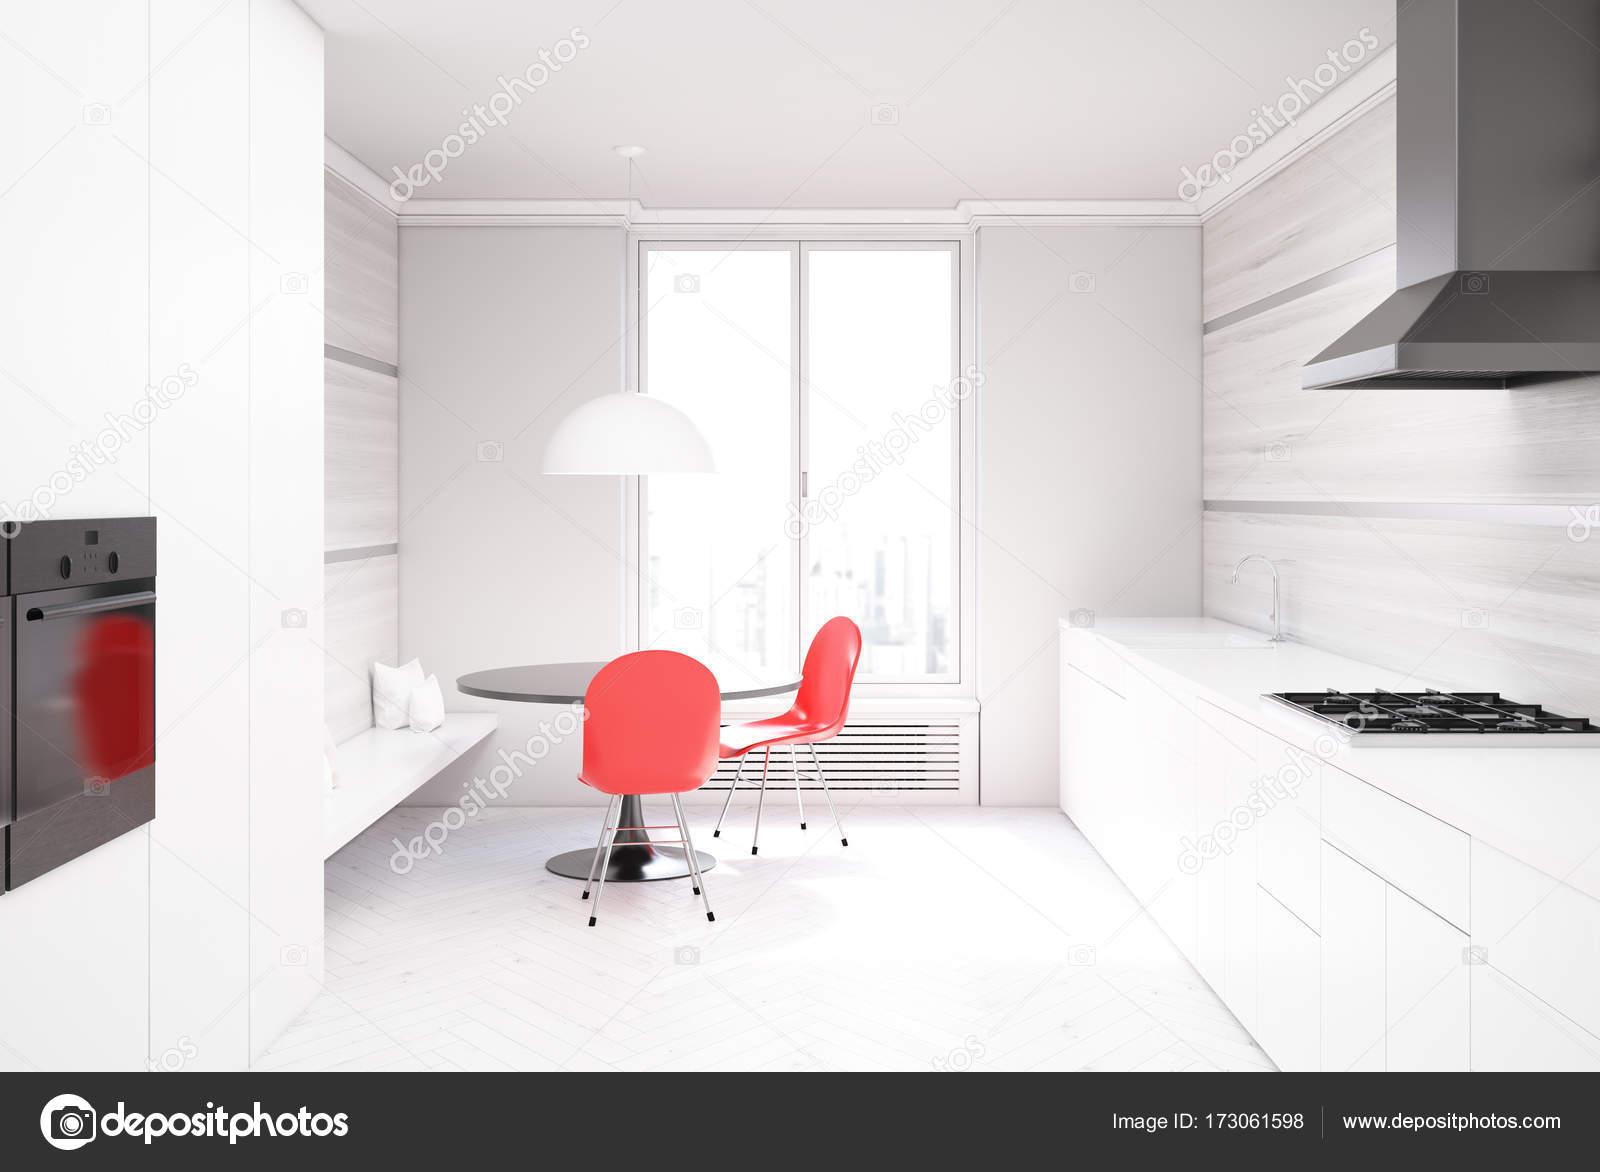 Sillas cocina madera y blanco rojo — Foto de stock © denisismagilov ...